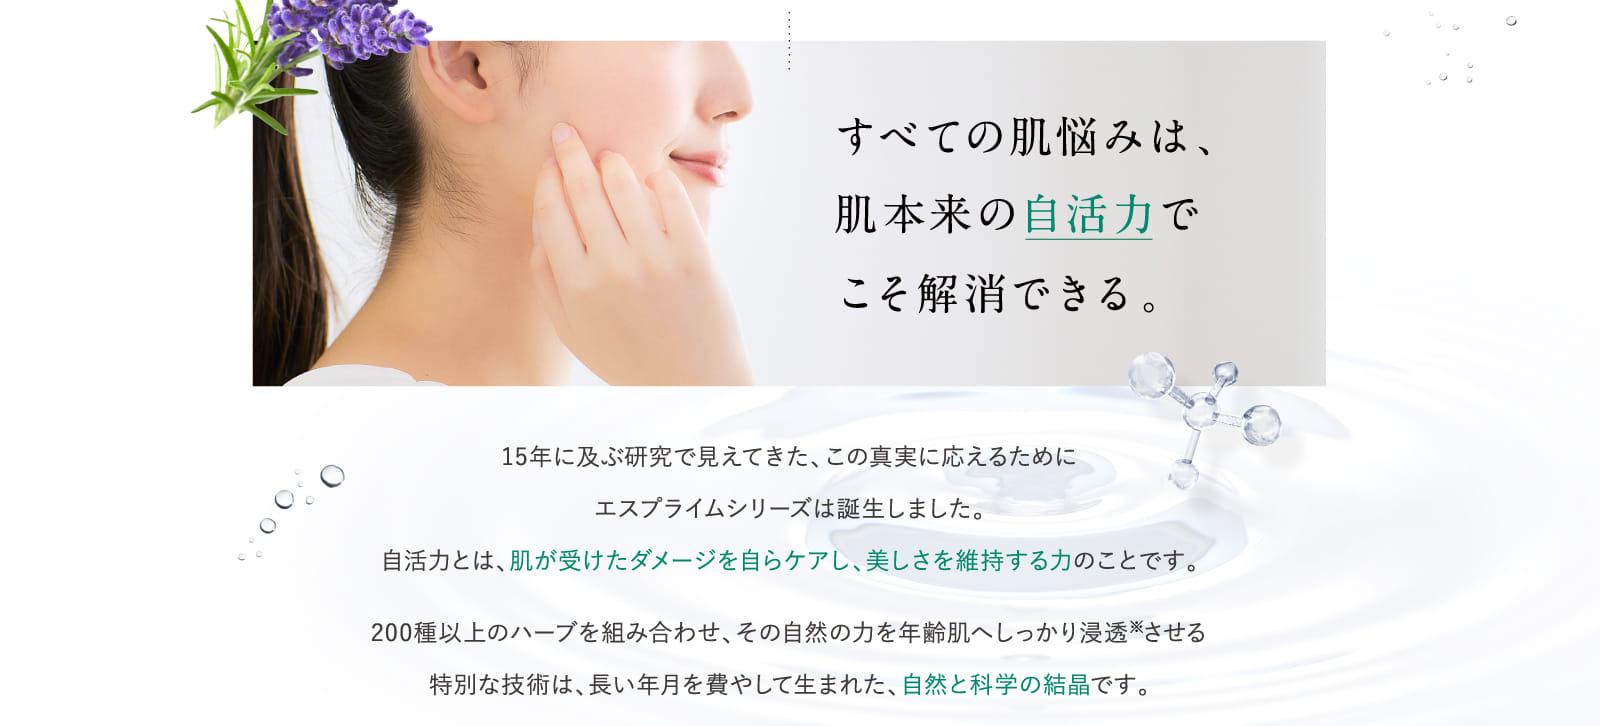 すべての肌悩みは、肌本来の自活力でこそ解消できる。